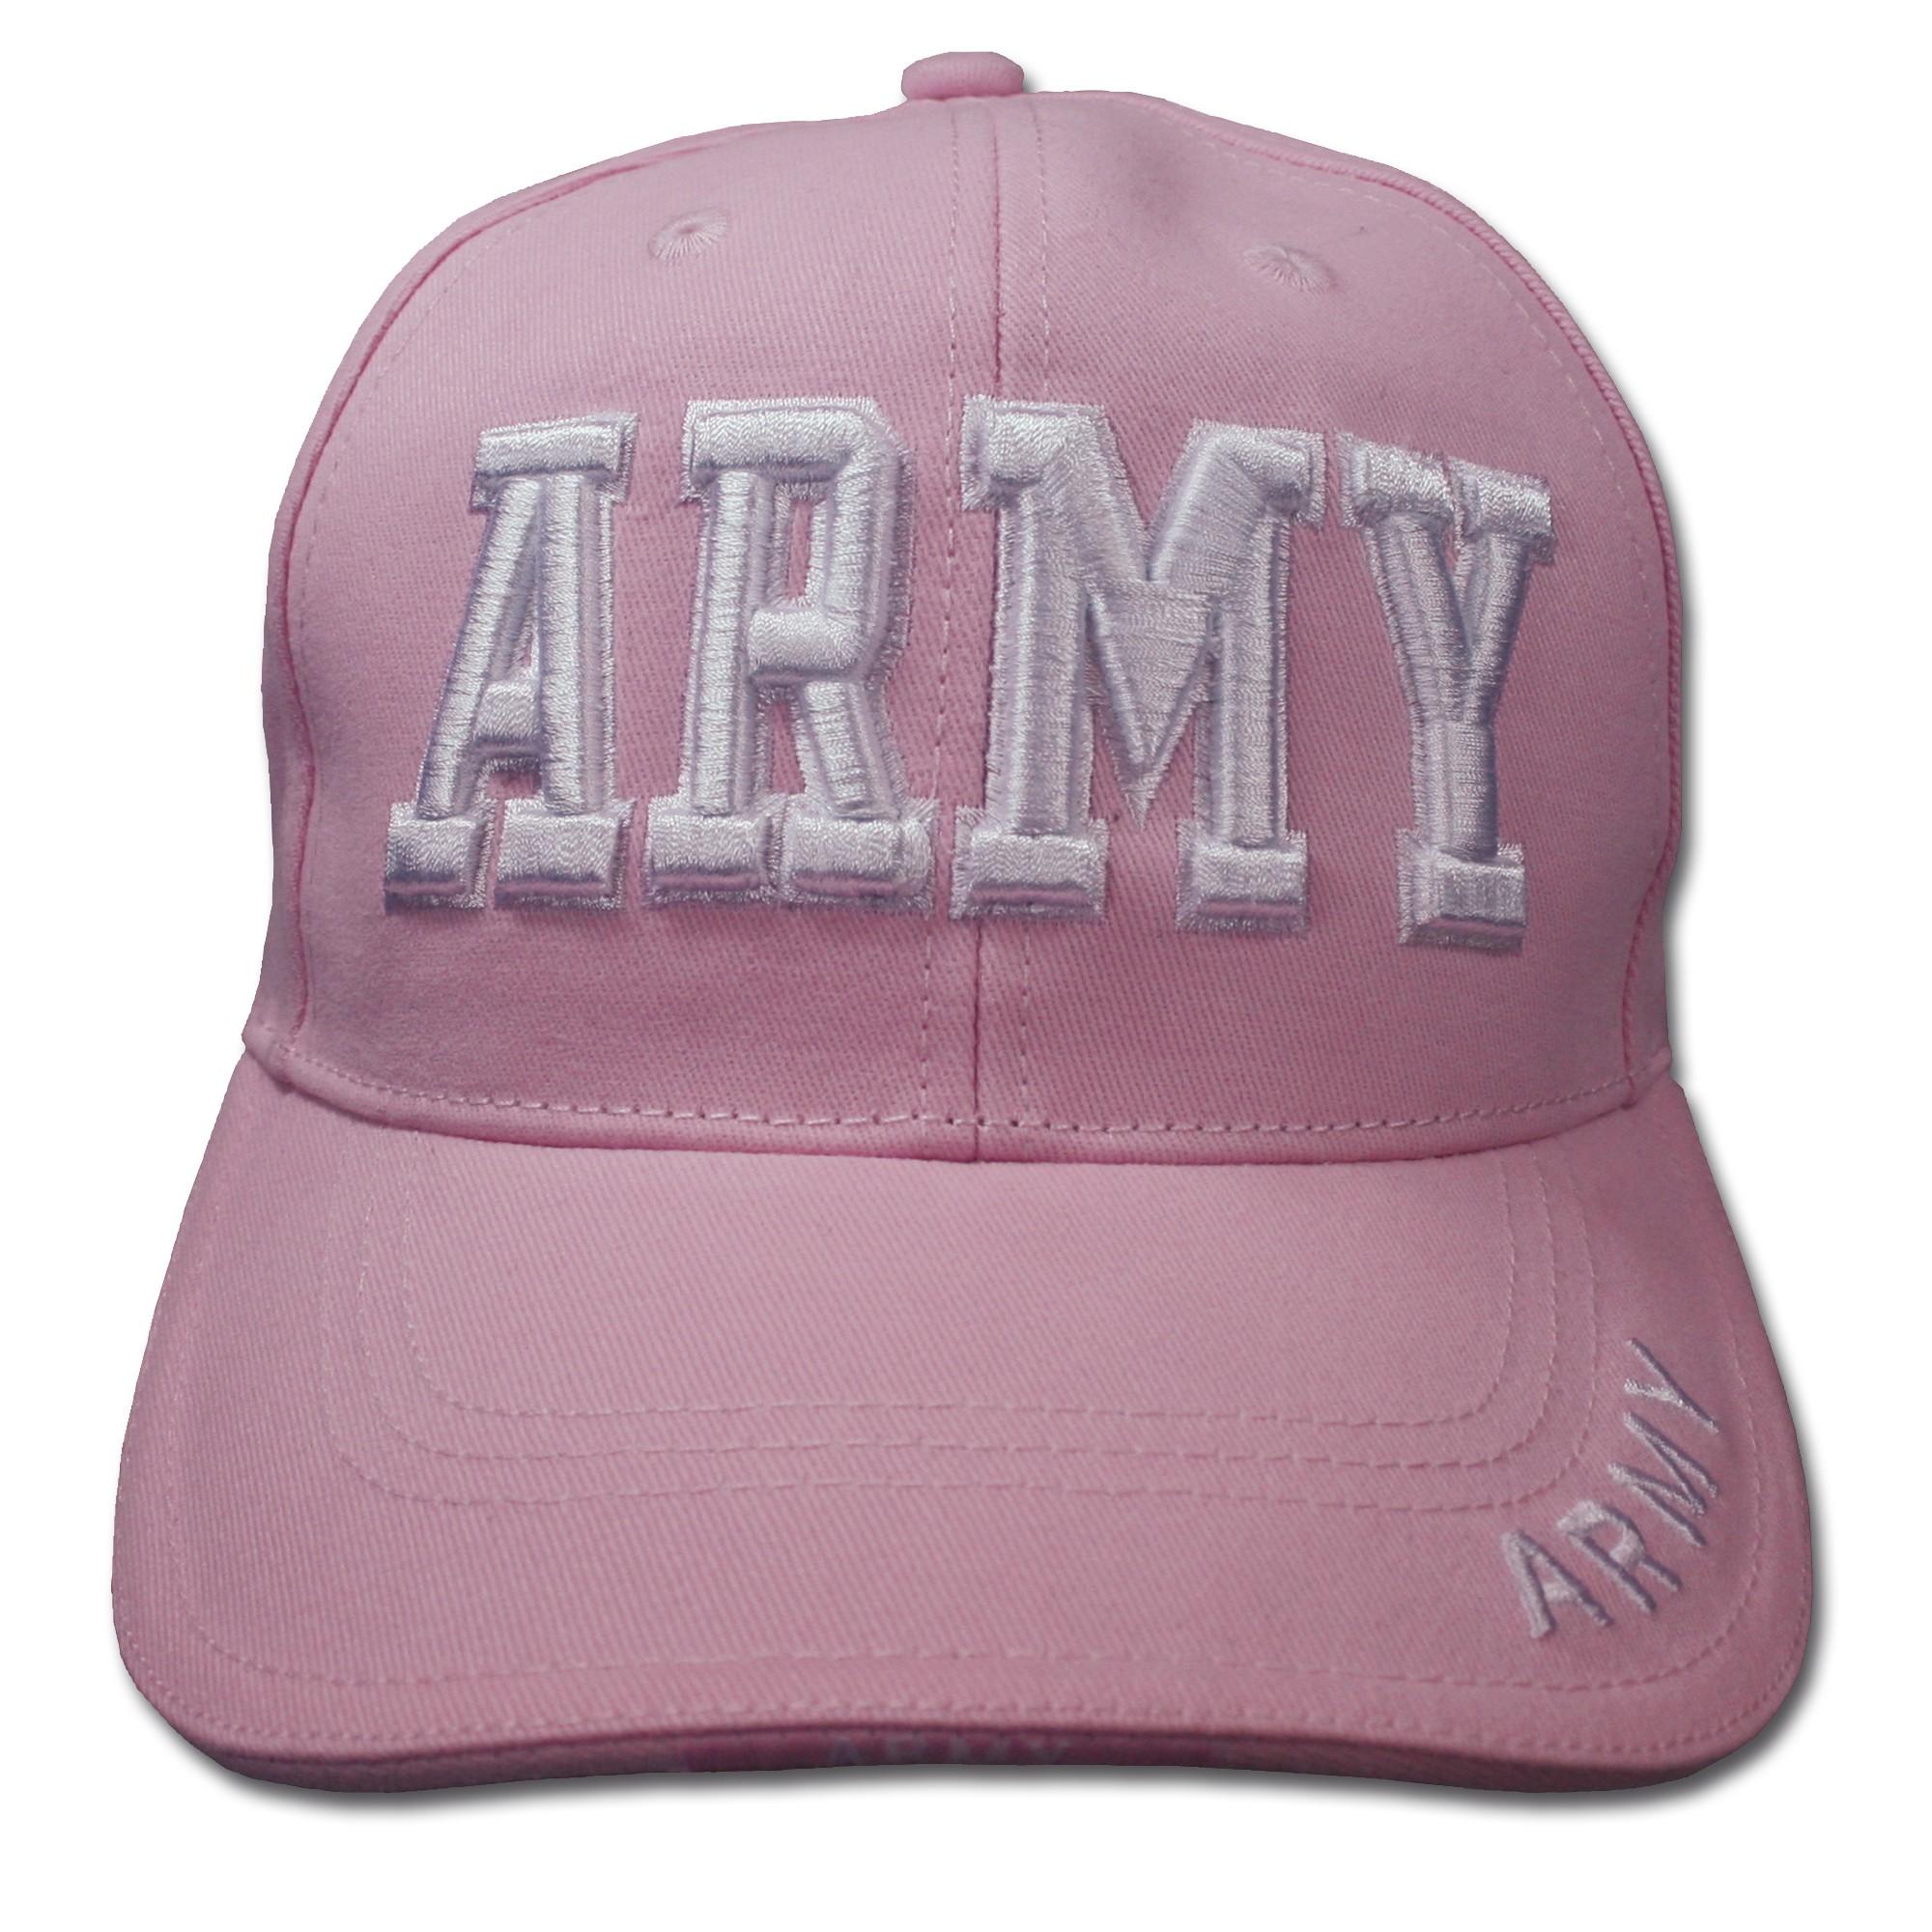 Baseballcap ARMY pink